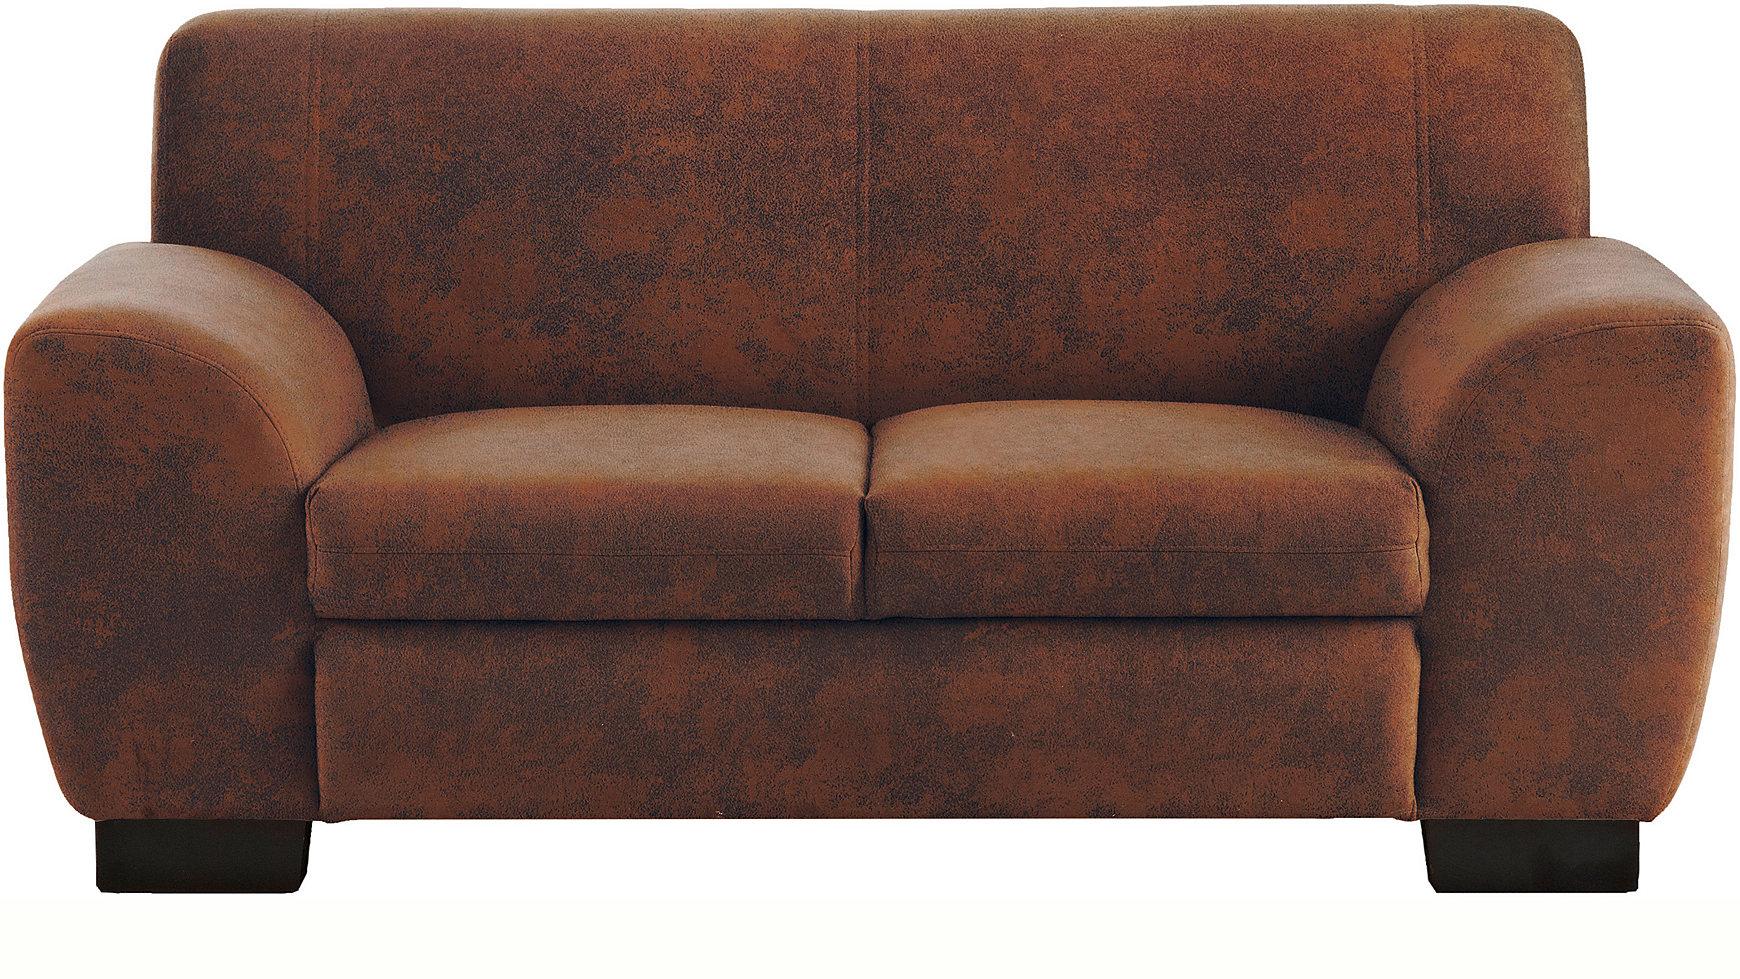 Full Size of 3 Sitzer Sofa Mit Relaxfunktion 2 Gemtliches 2er Online Kaufen Bei Cnouchde Le Corbusier Ohne Lehne Türkische Kinderzimmer Küche Günstig Elektrogeräten Sofa 3 Sitzer Sofa Mit Relaxfunktion